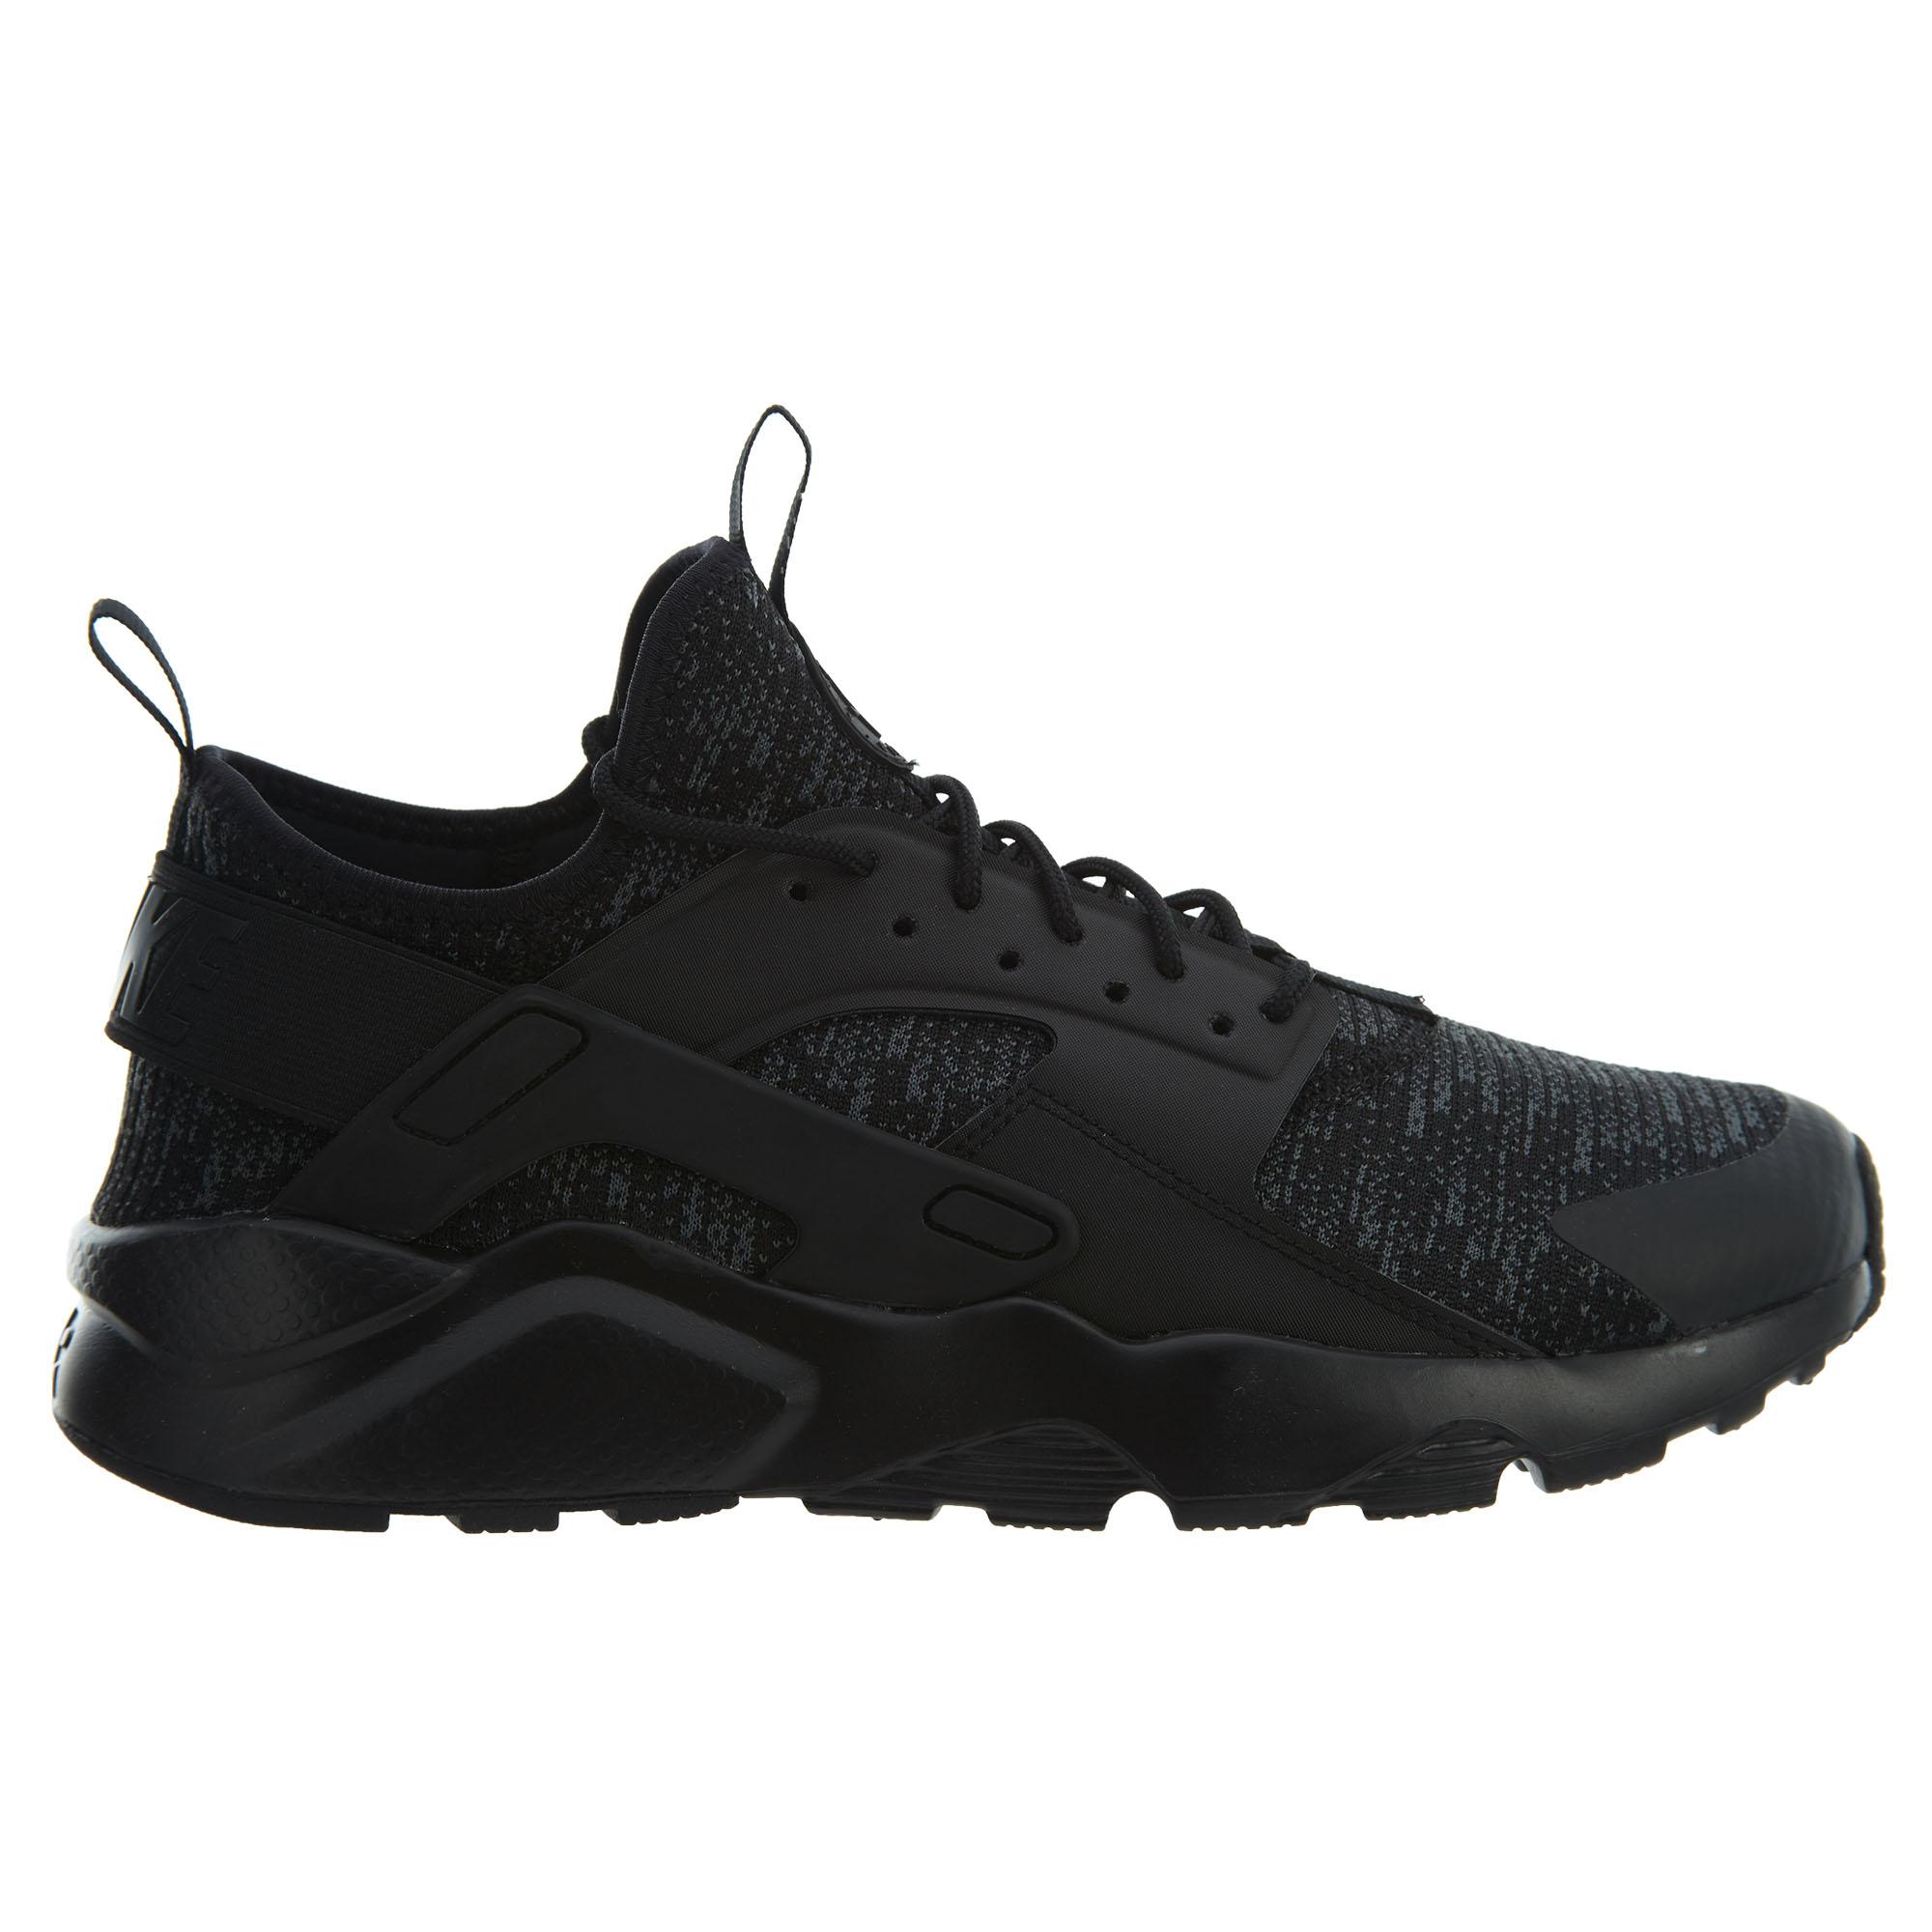 Nike Air Huarache Run Ultra Se Black Black-Dark Grey - 875841-006